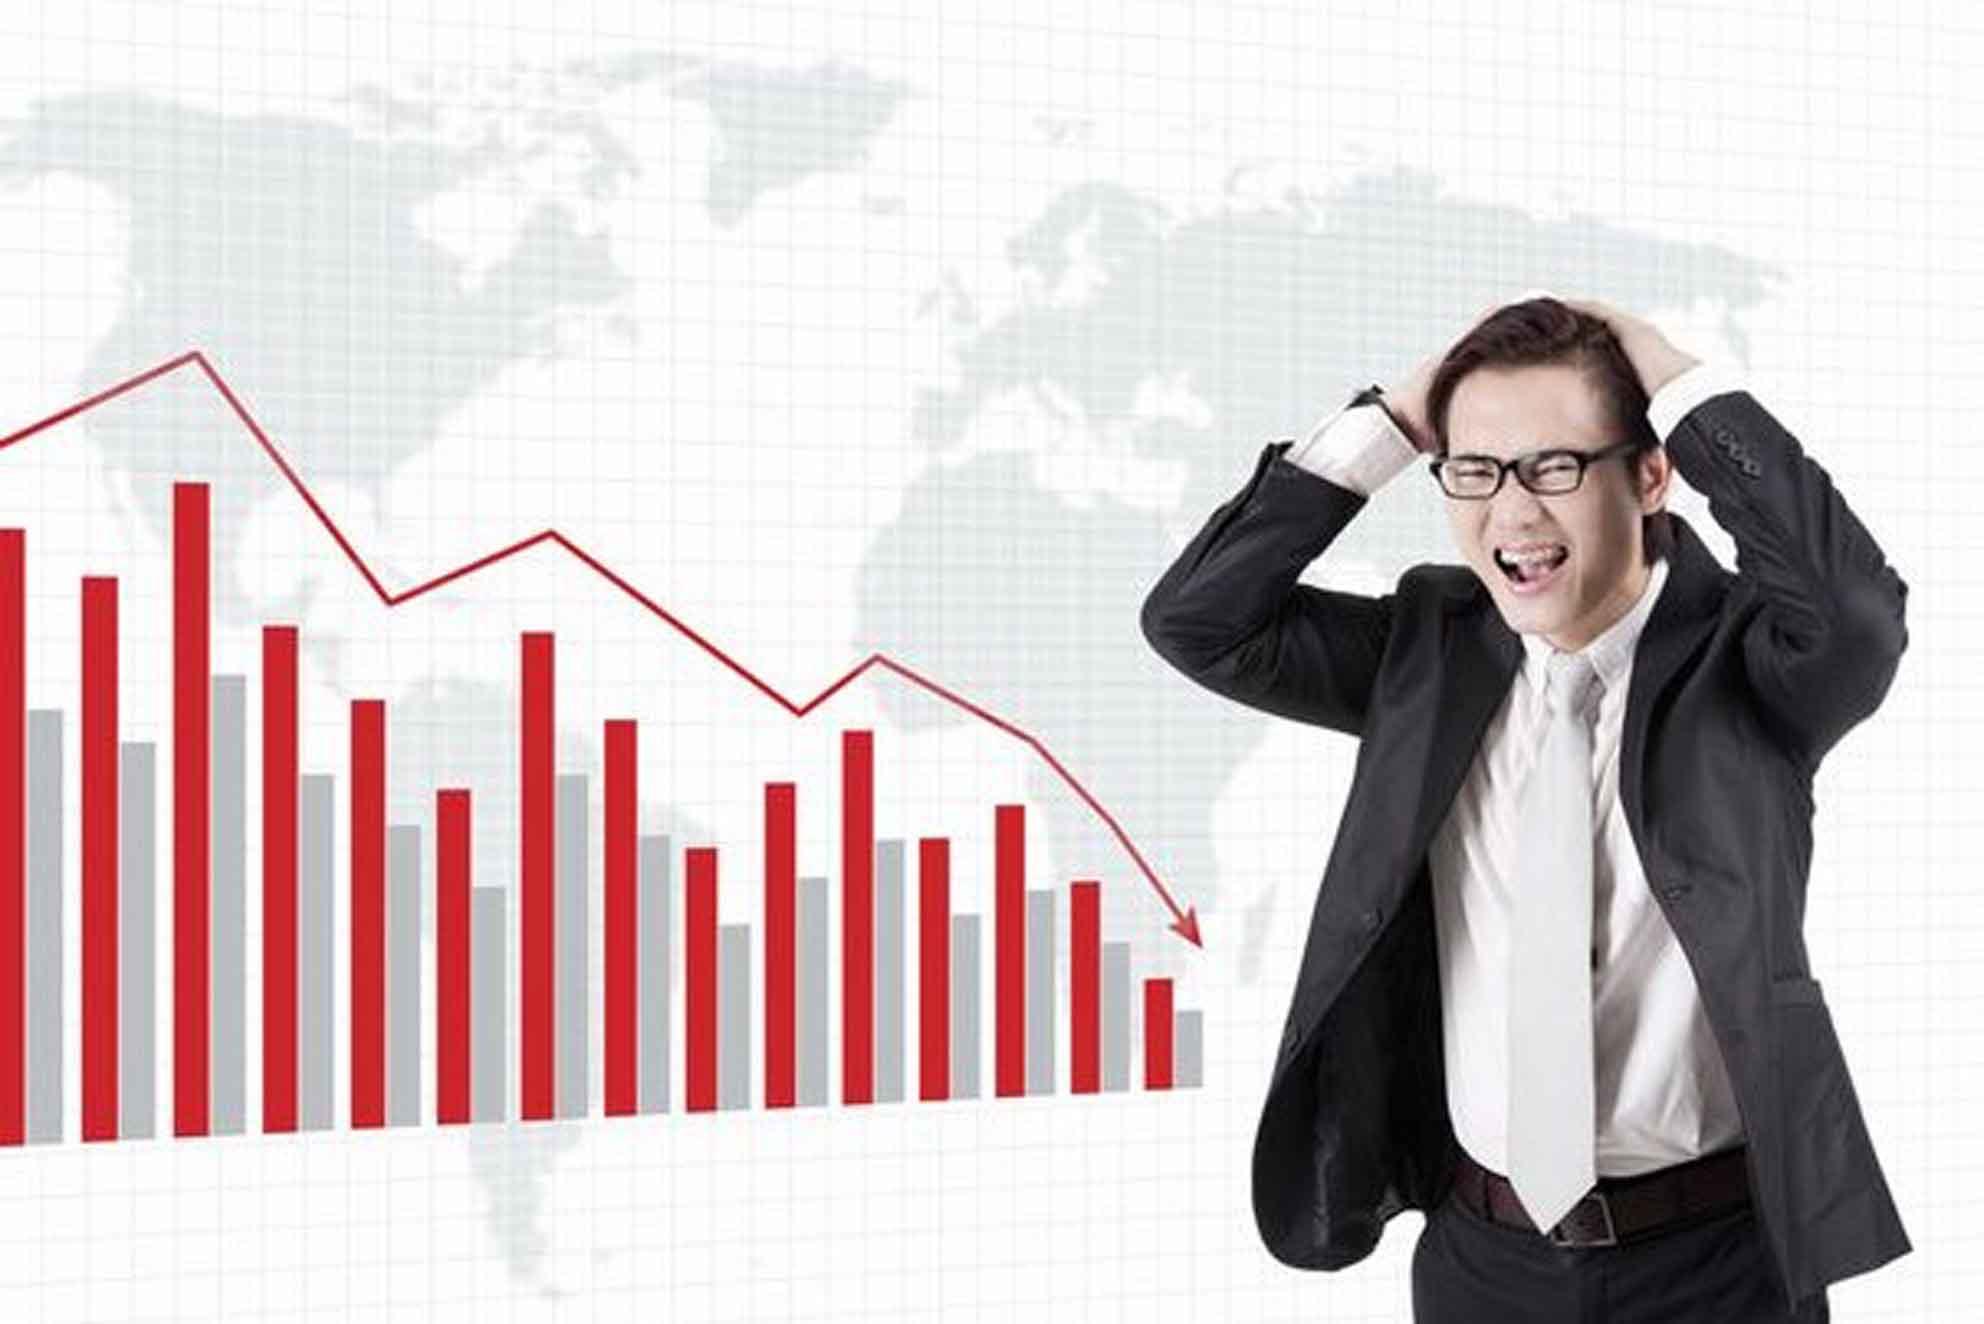 「クジラ買い」が本格的に始まった日本株式市場の危険性